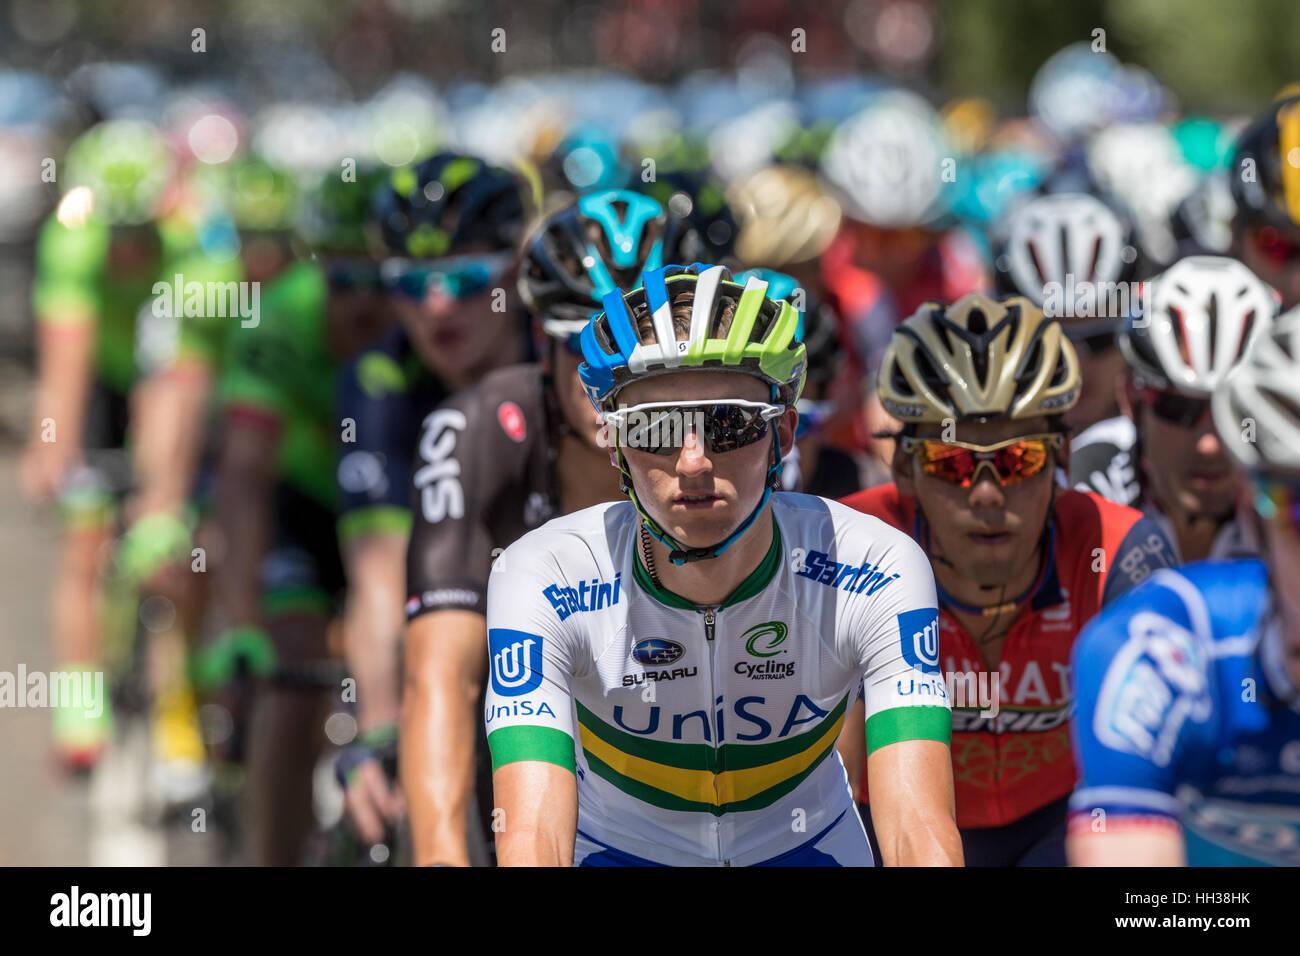 Adelaide, Australien. 17. Januar 2017. Radfahrer vom Team UNISA (UNA) in Phase 1 der Santos Tour Down bis 2017. Stockbild